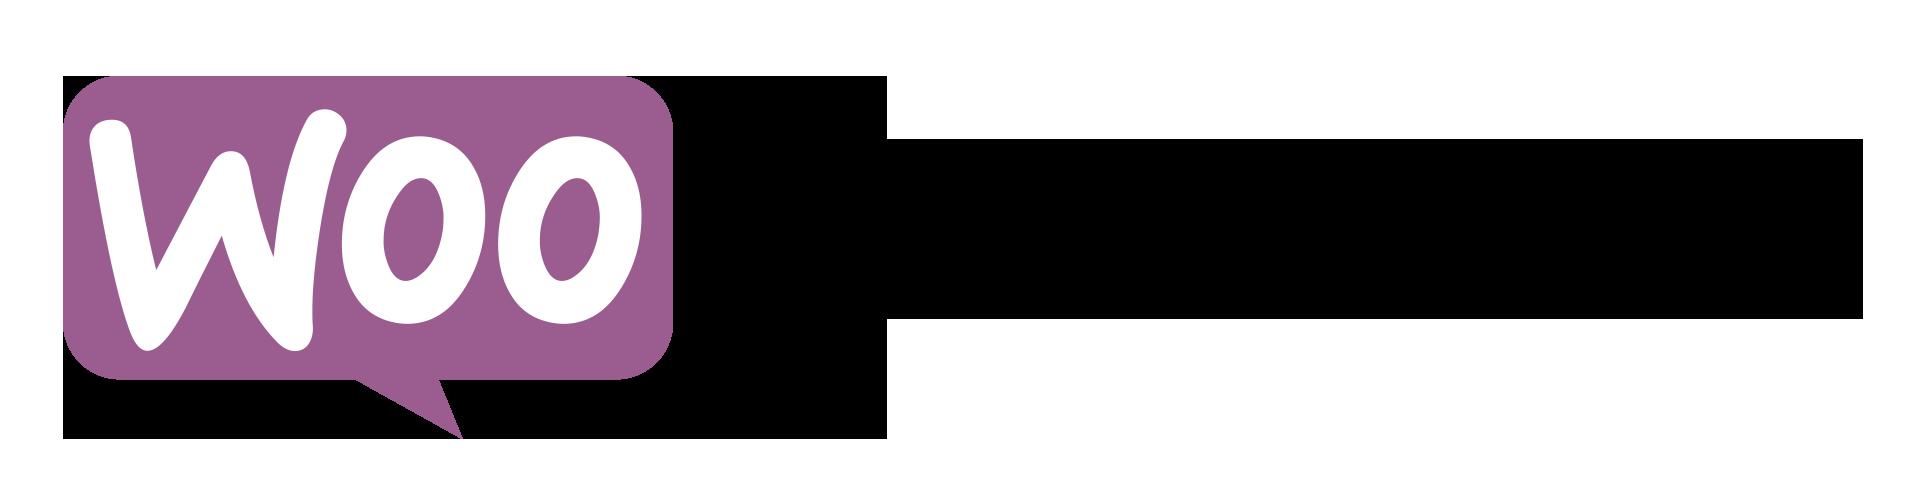 woocommerce-logo-e1429552613105.png